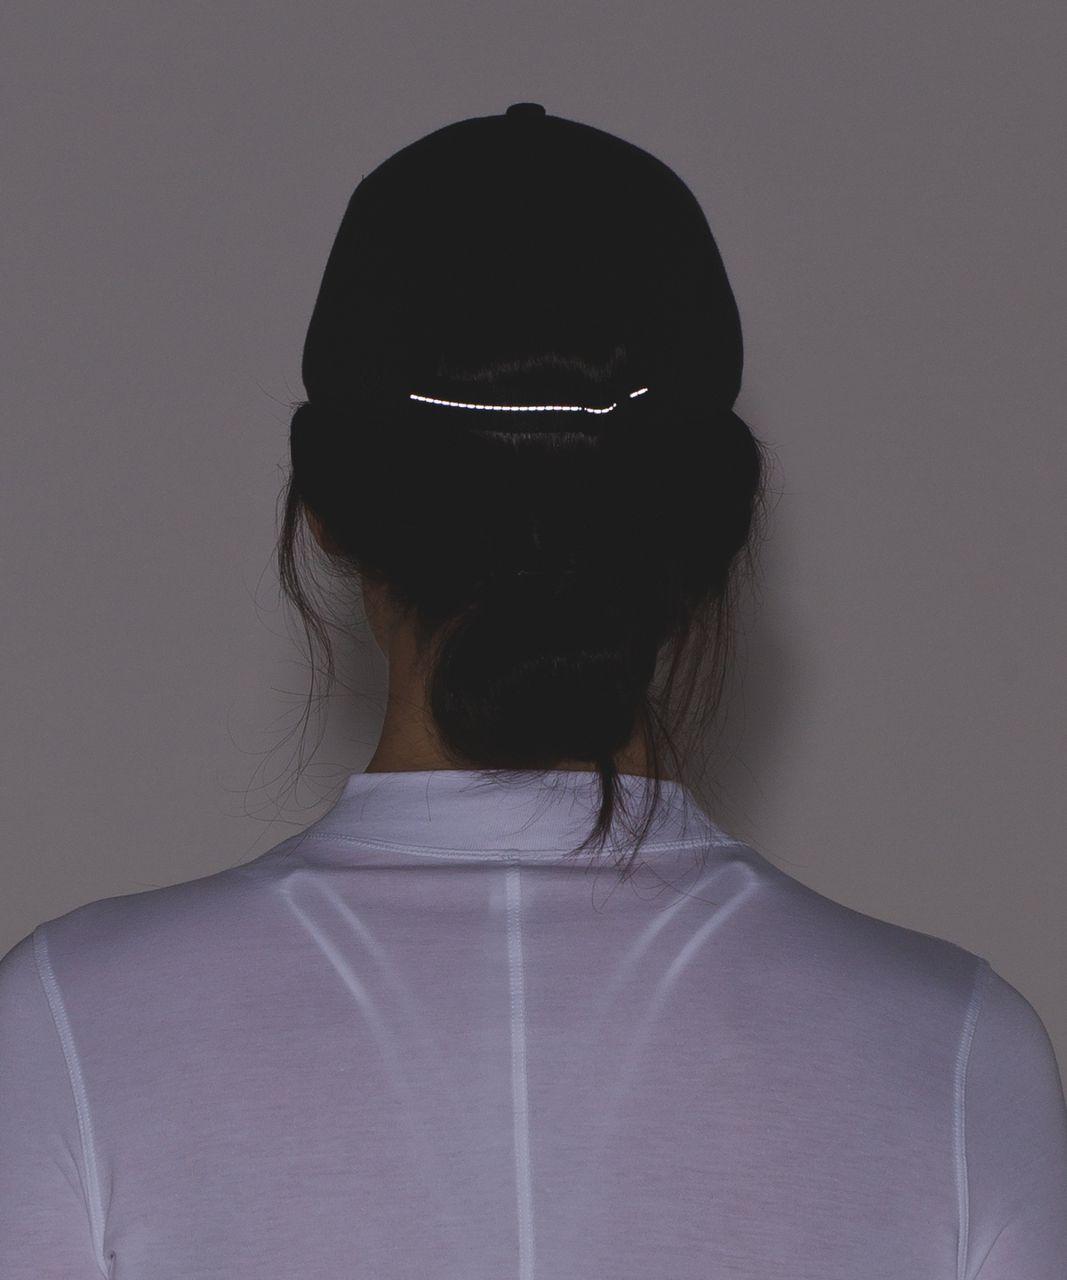 Lululemon Baller Hat - Black / Black